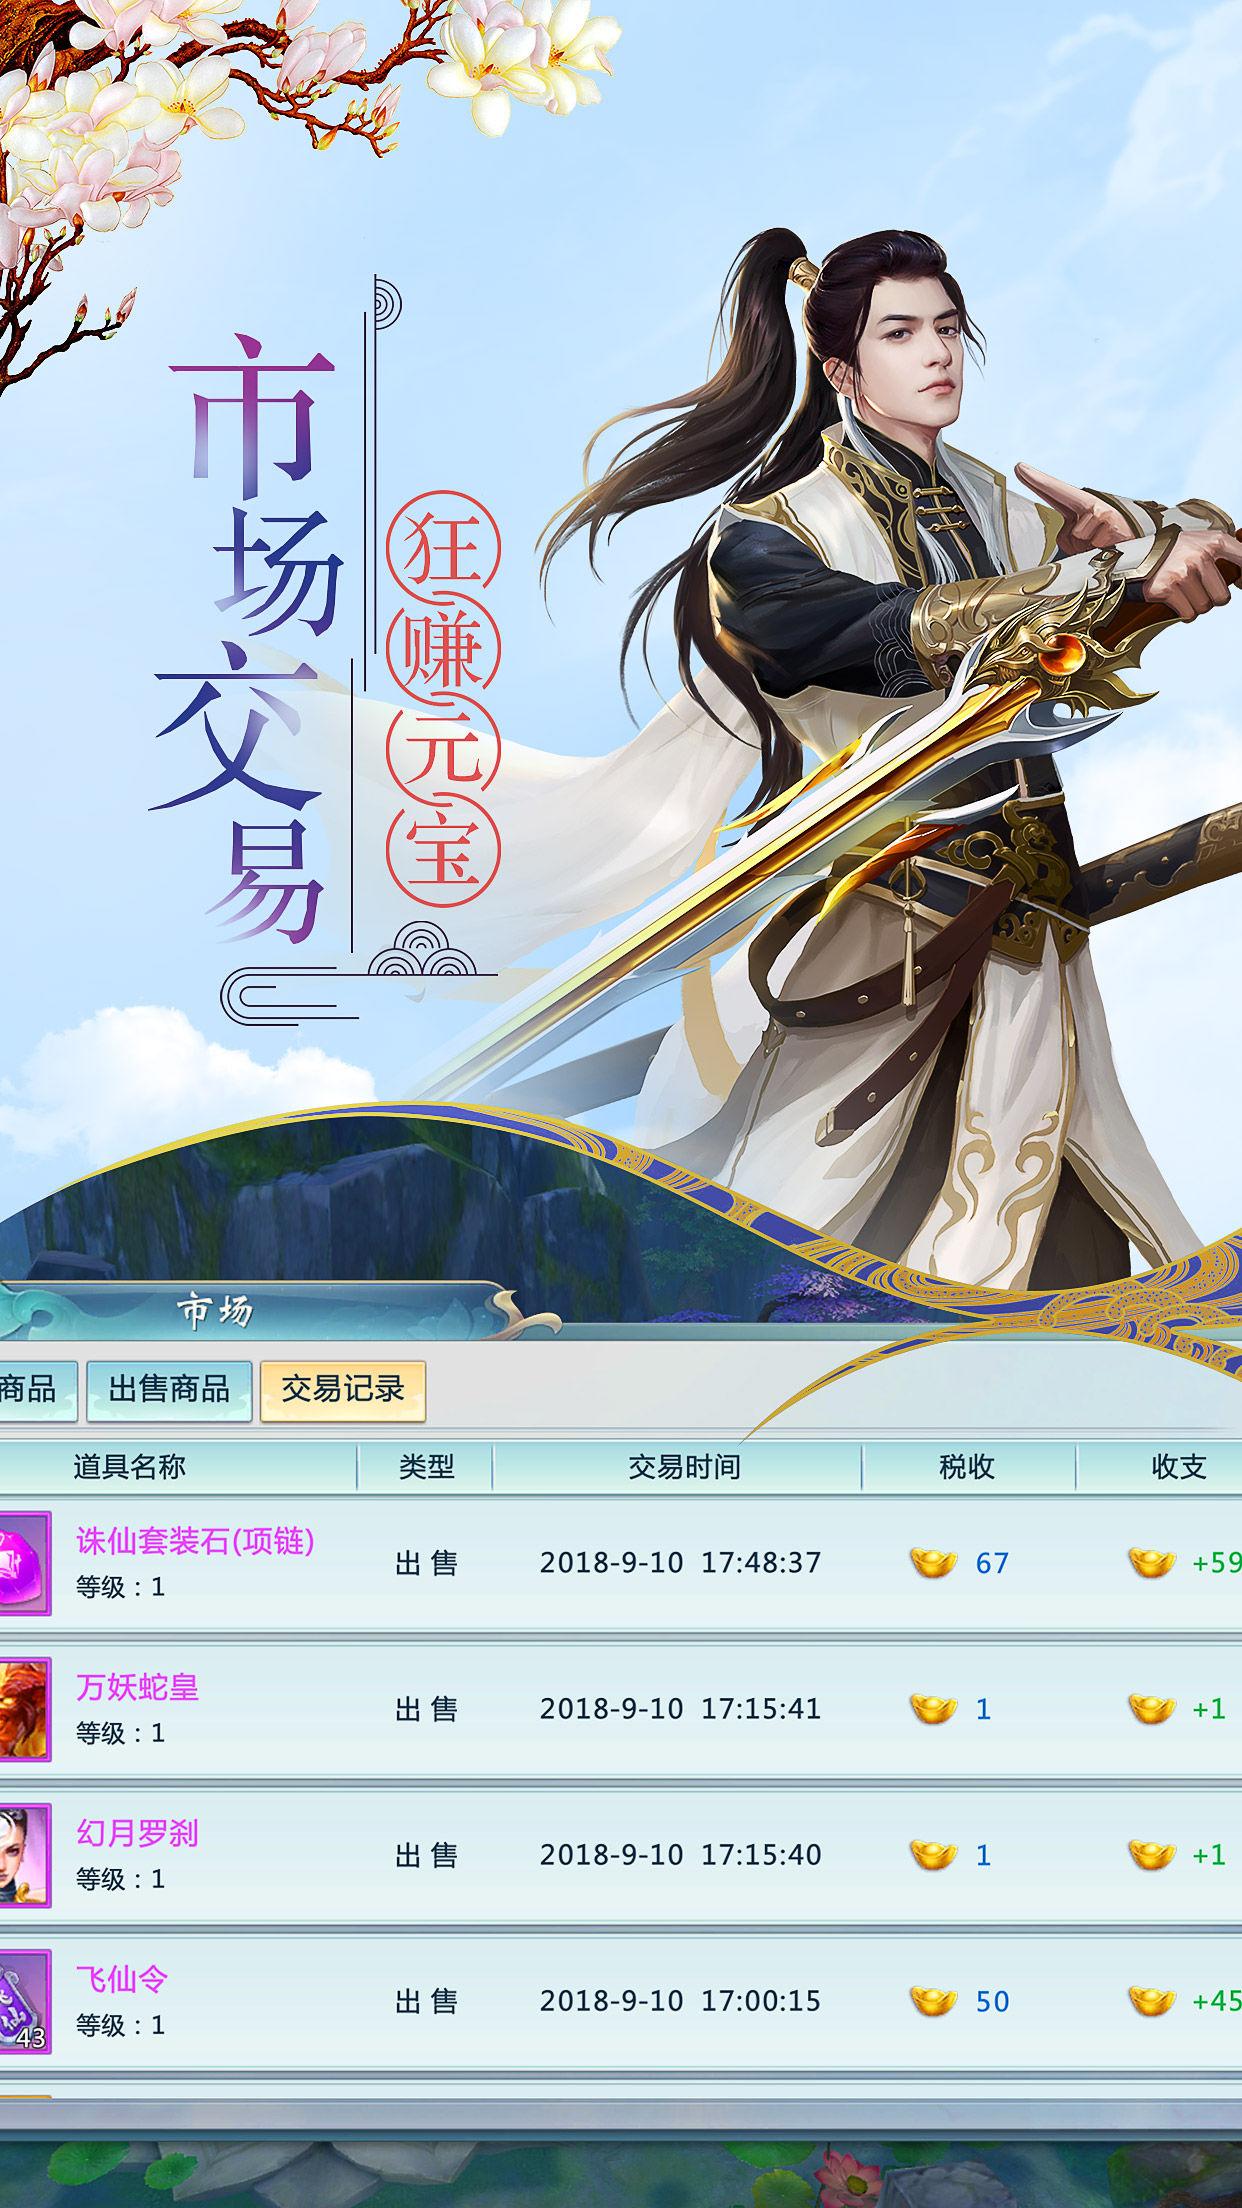 剑侠逍遥 V4.0.0 变态版